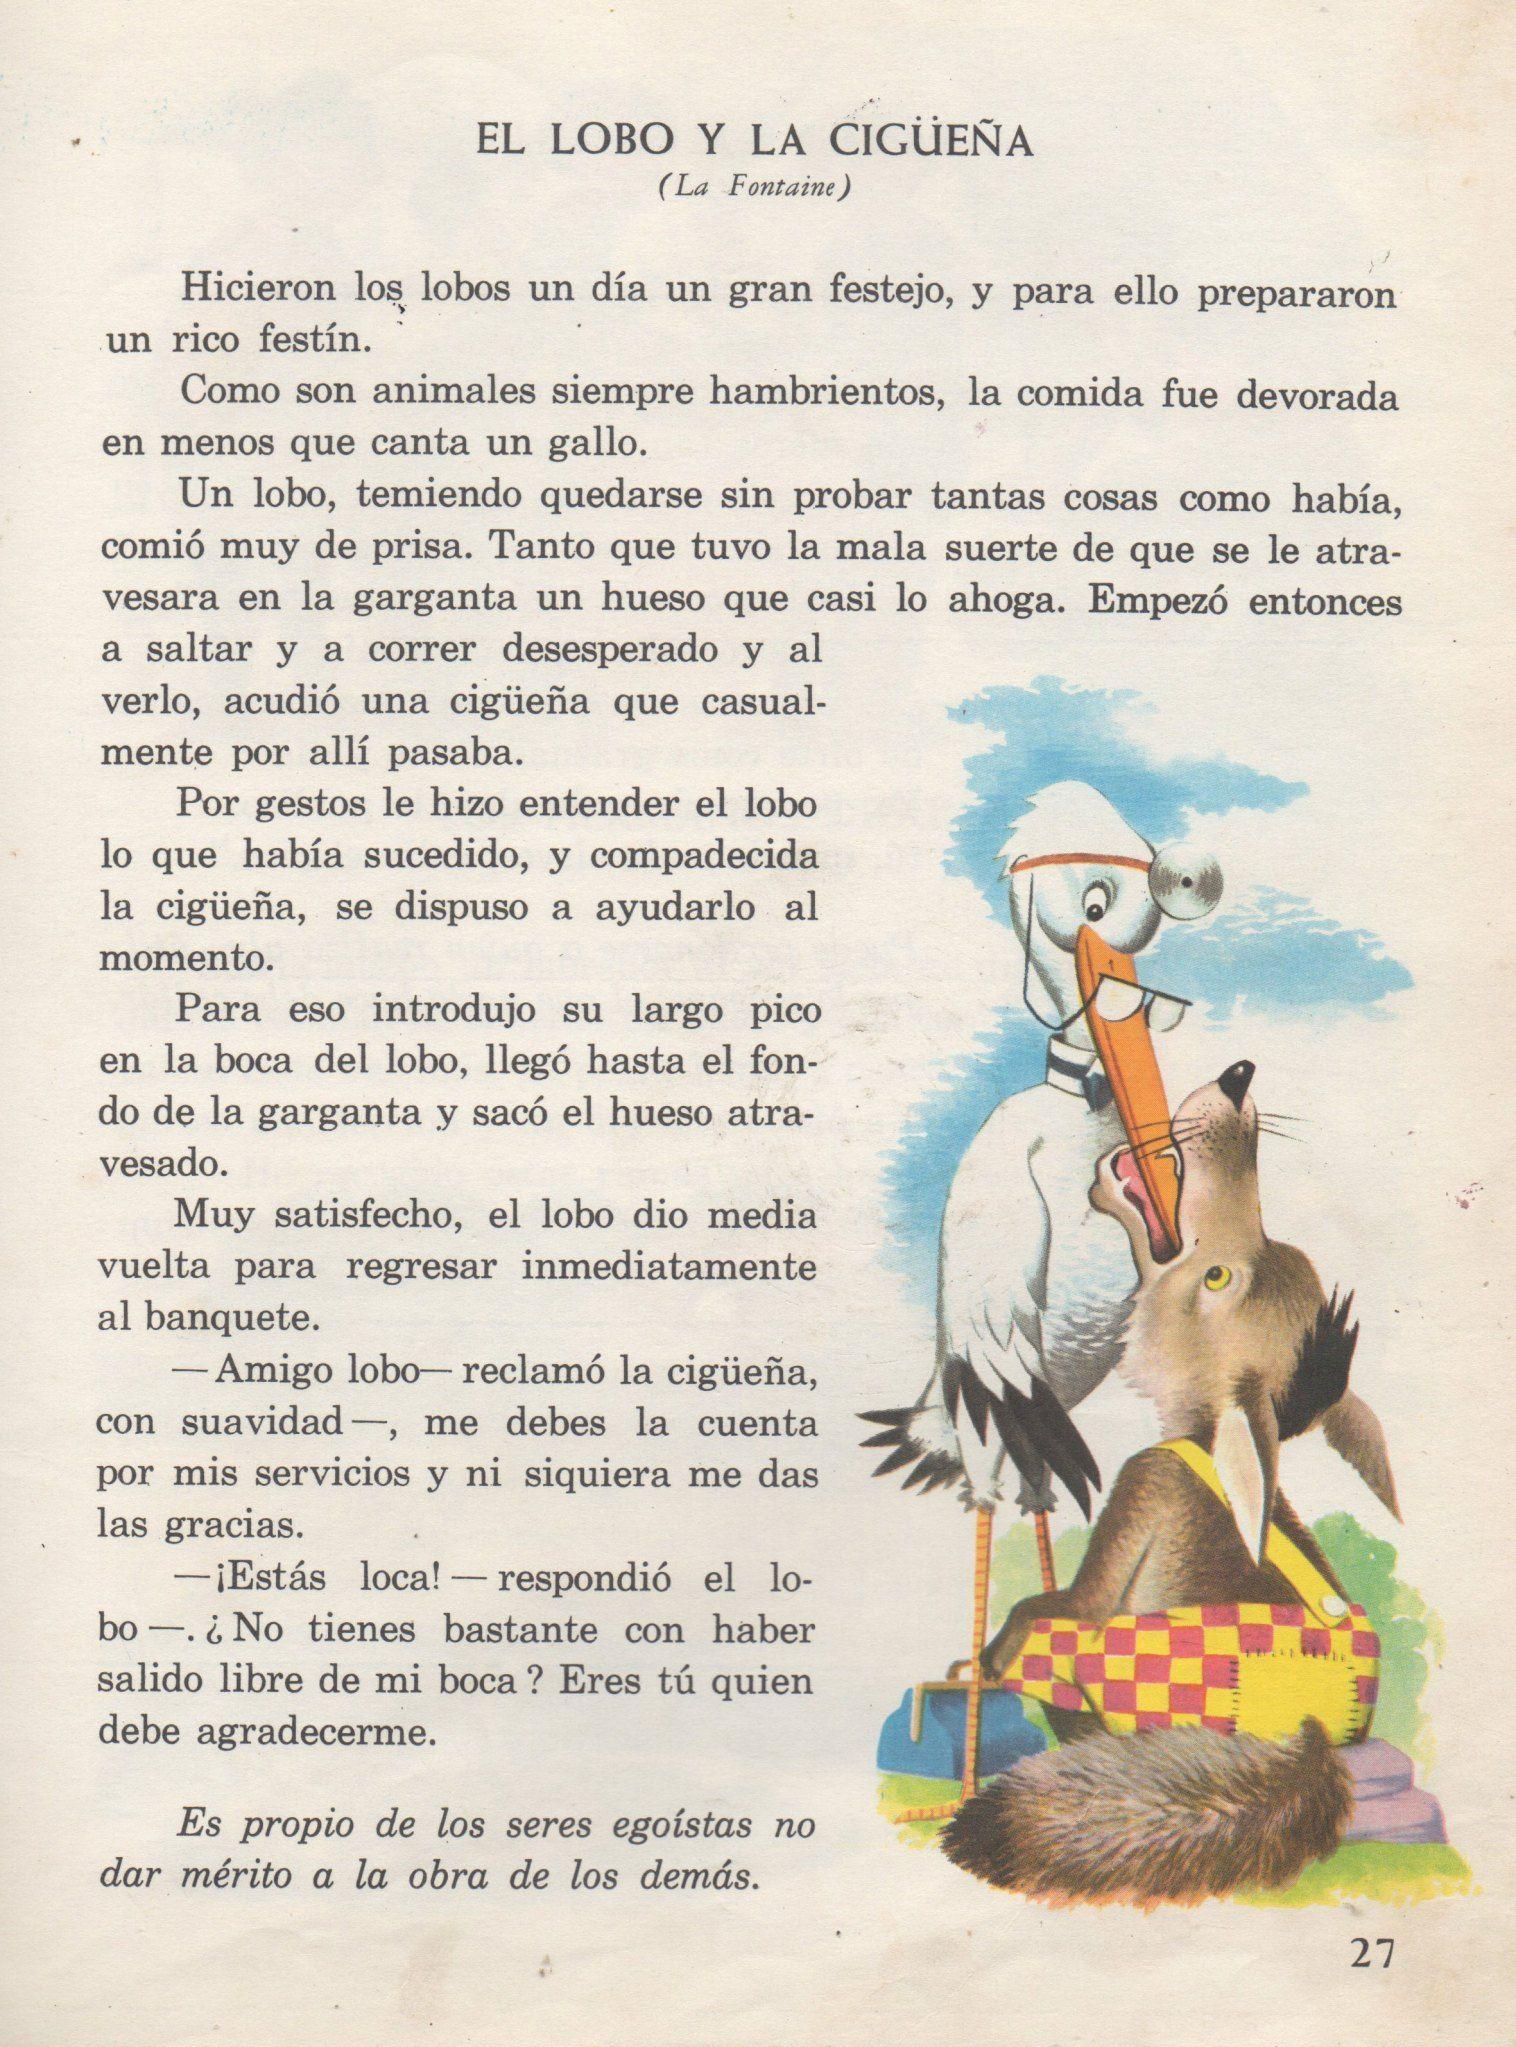 Raúl Stévano Fábulas Archivo De Ilustración Argentina Cuentos Cortos Para Imprimir Cuentos Y Fabulas Cuentos Primaria